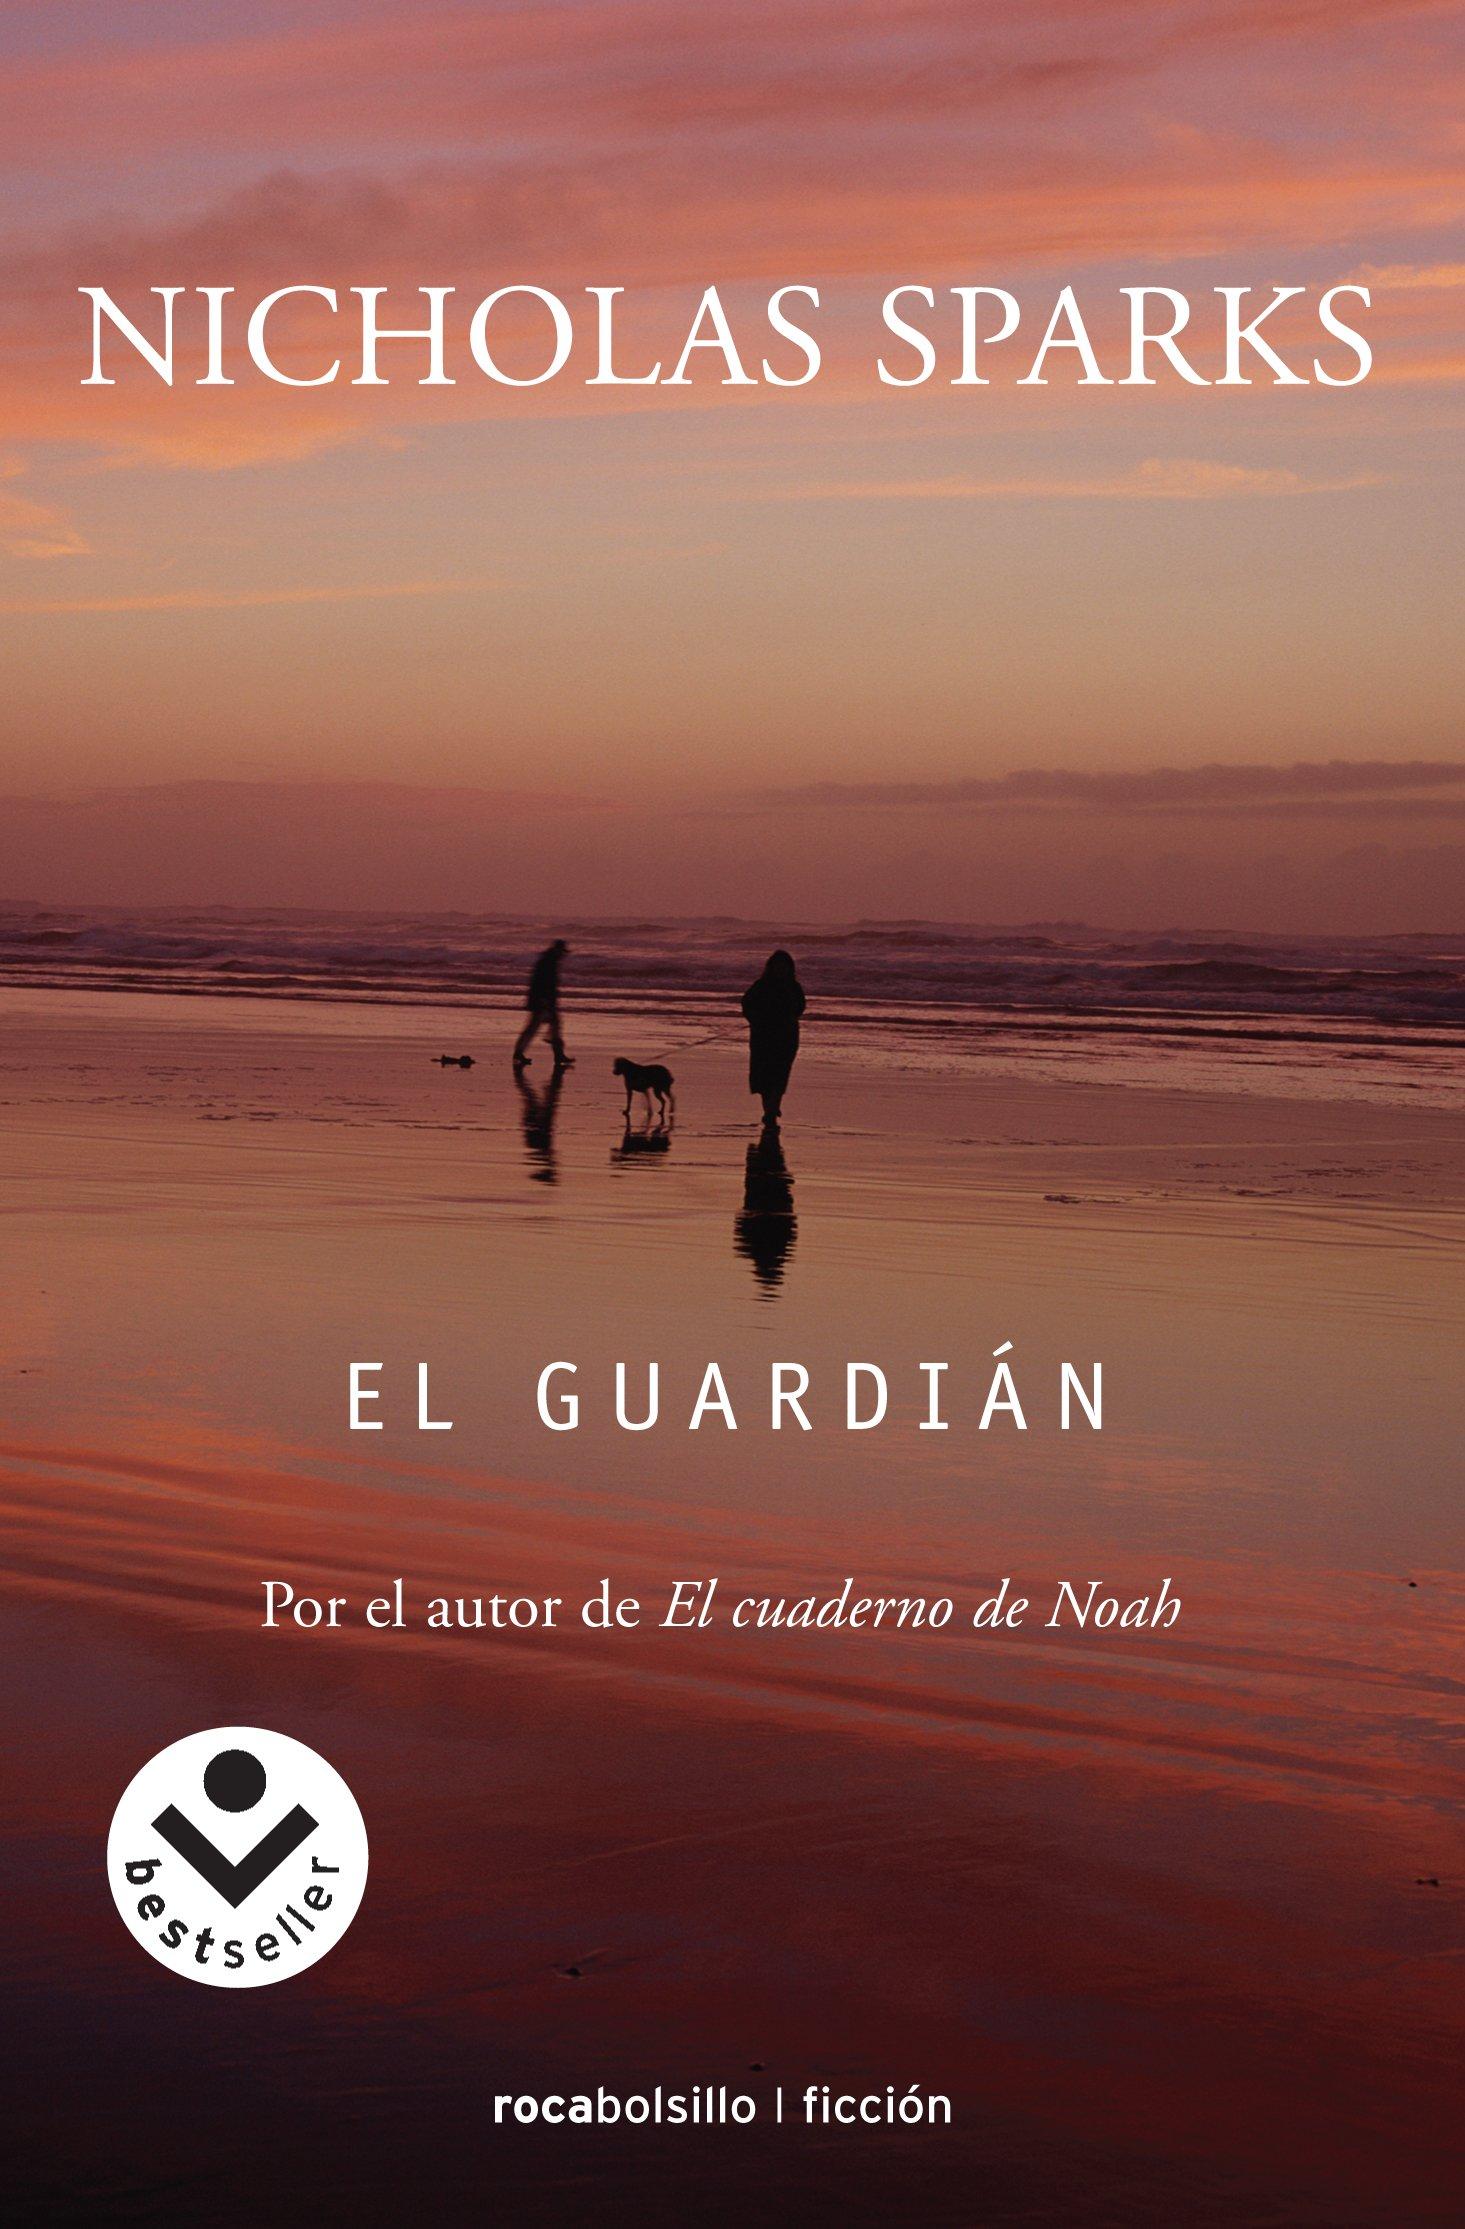 Descargar libro El guardián (rocabolsillo bestseller) PFD gratis